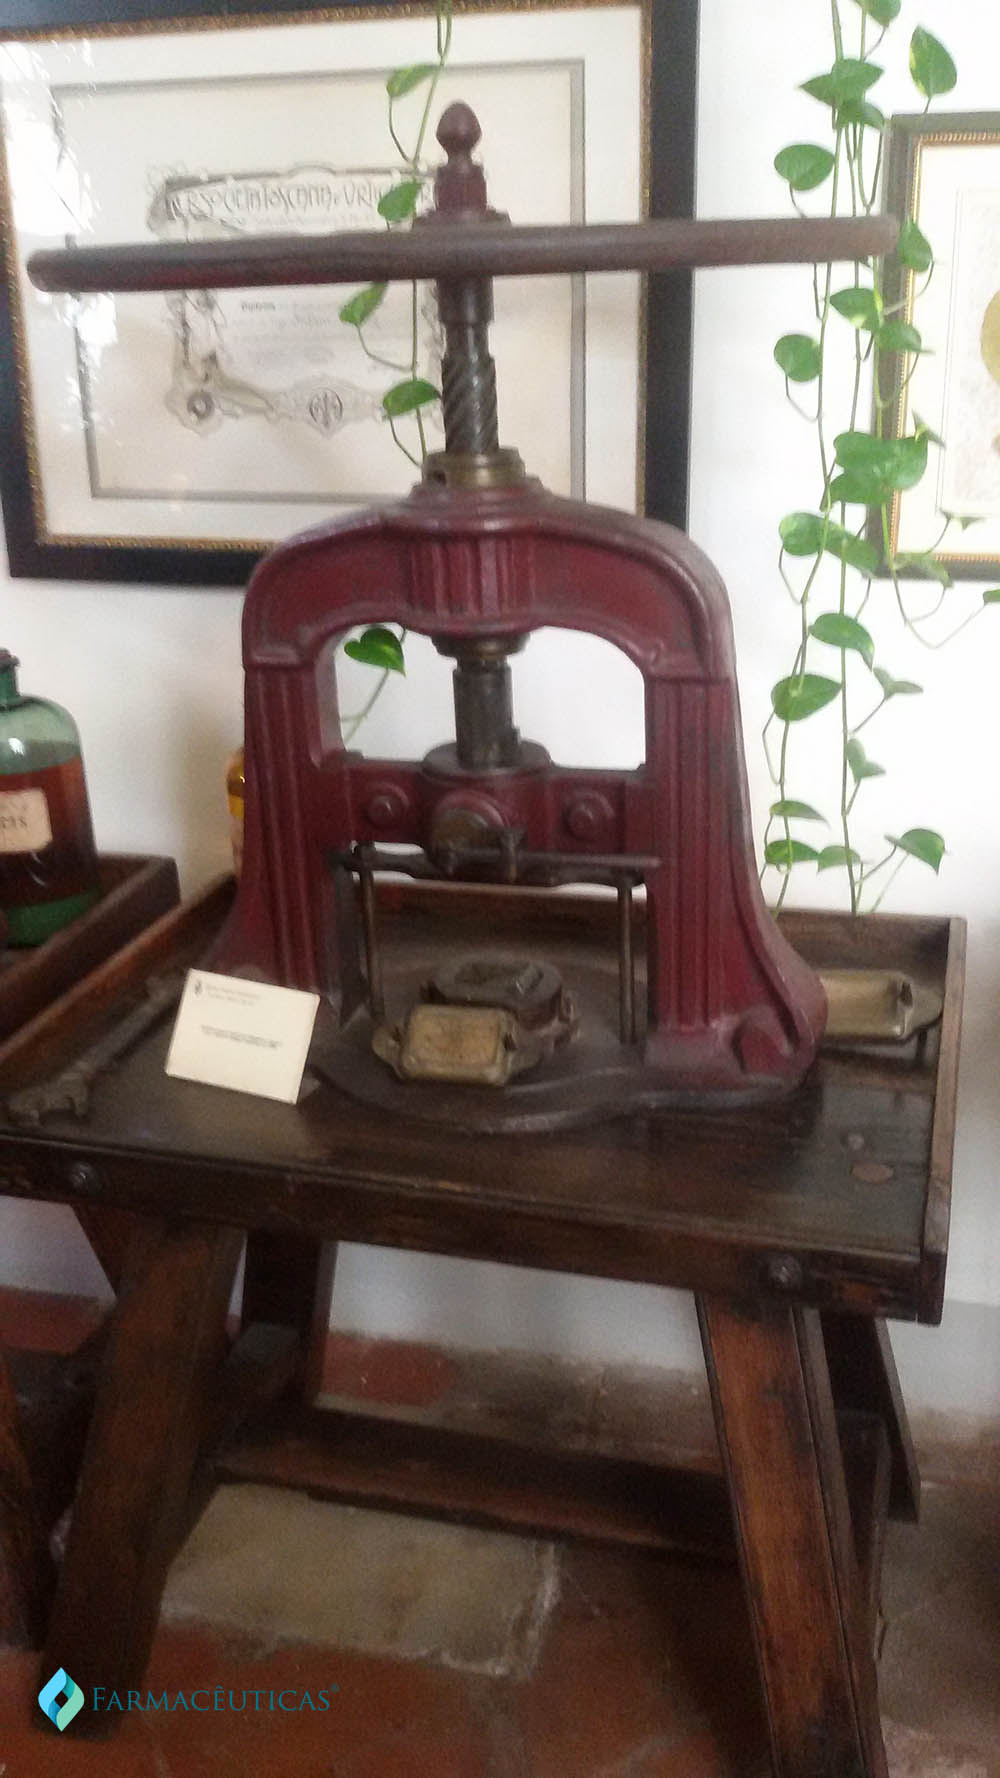 Antiga prensa para imprimir o sabonete usado no ano de 1800.